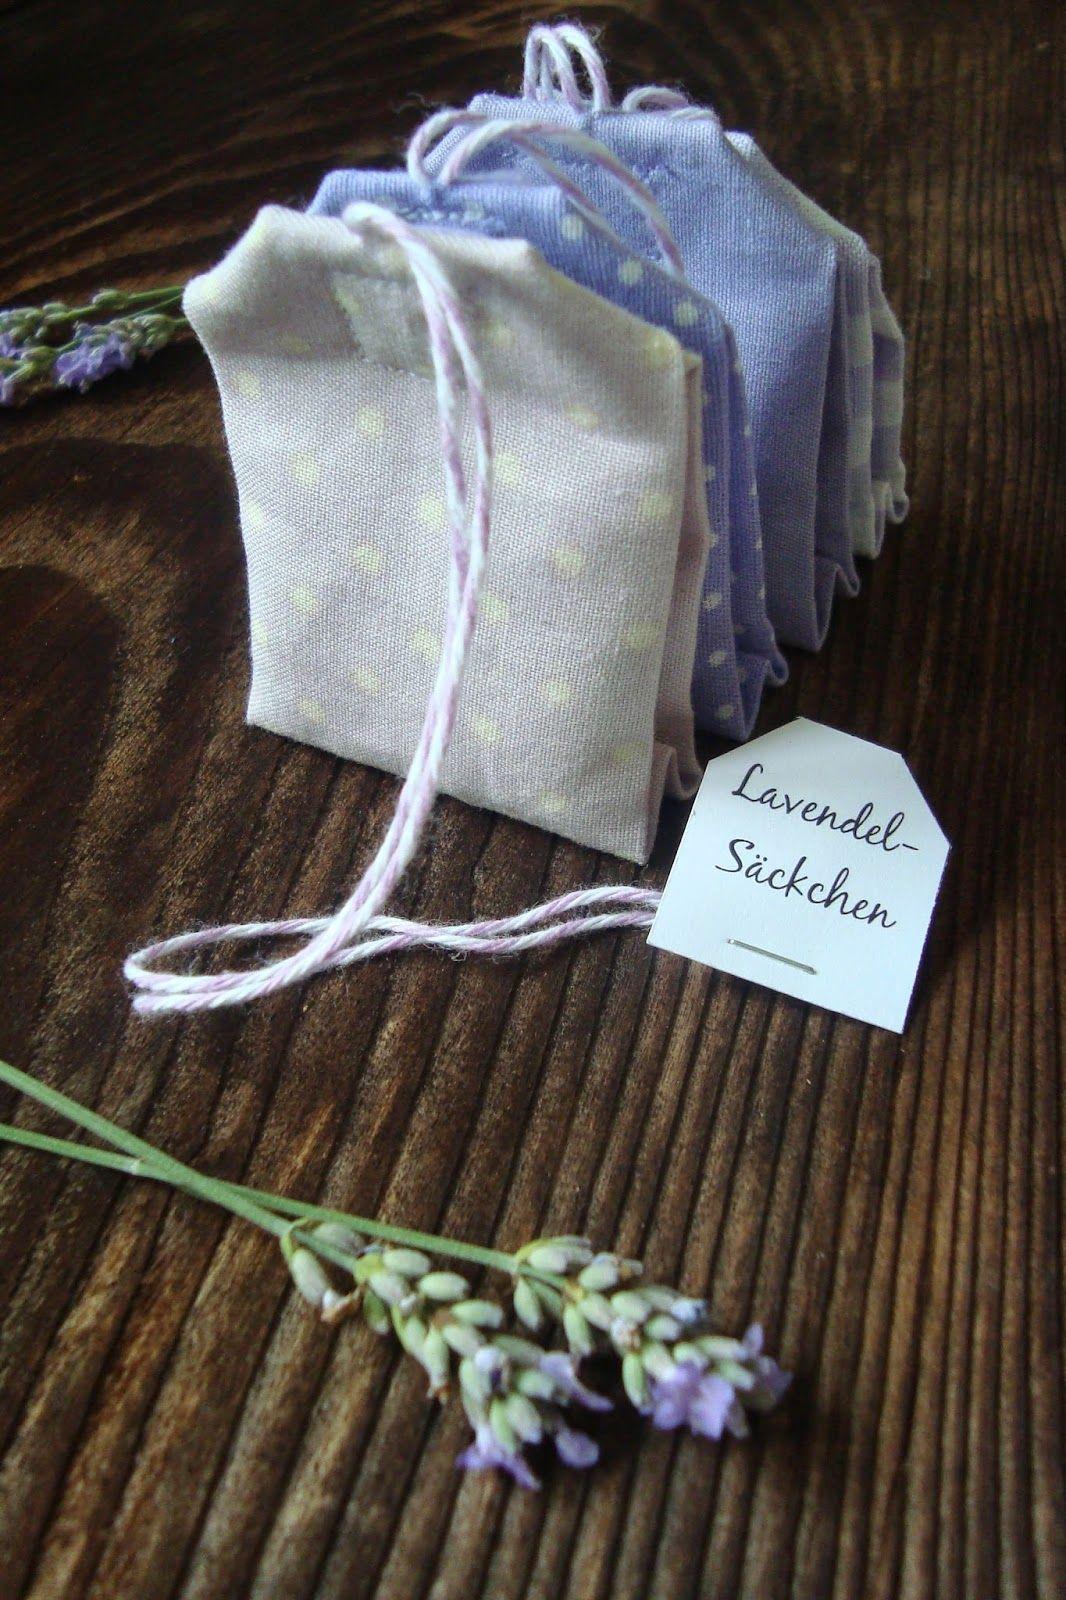 Aus Dem Geernteten Und Nun Getrockneten Lavendel Sind Diese Kleinen